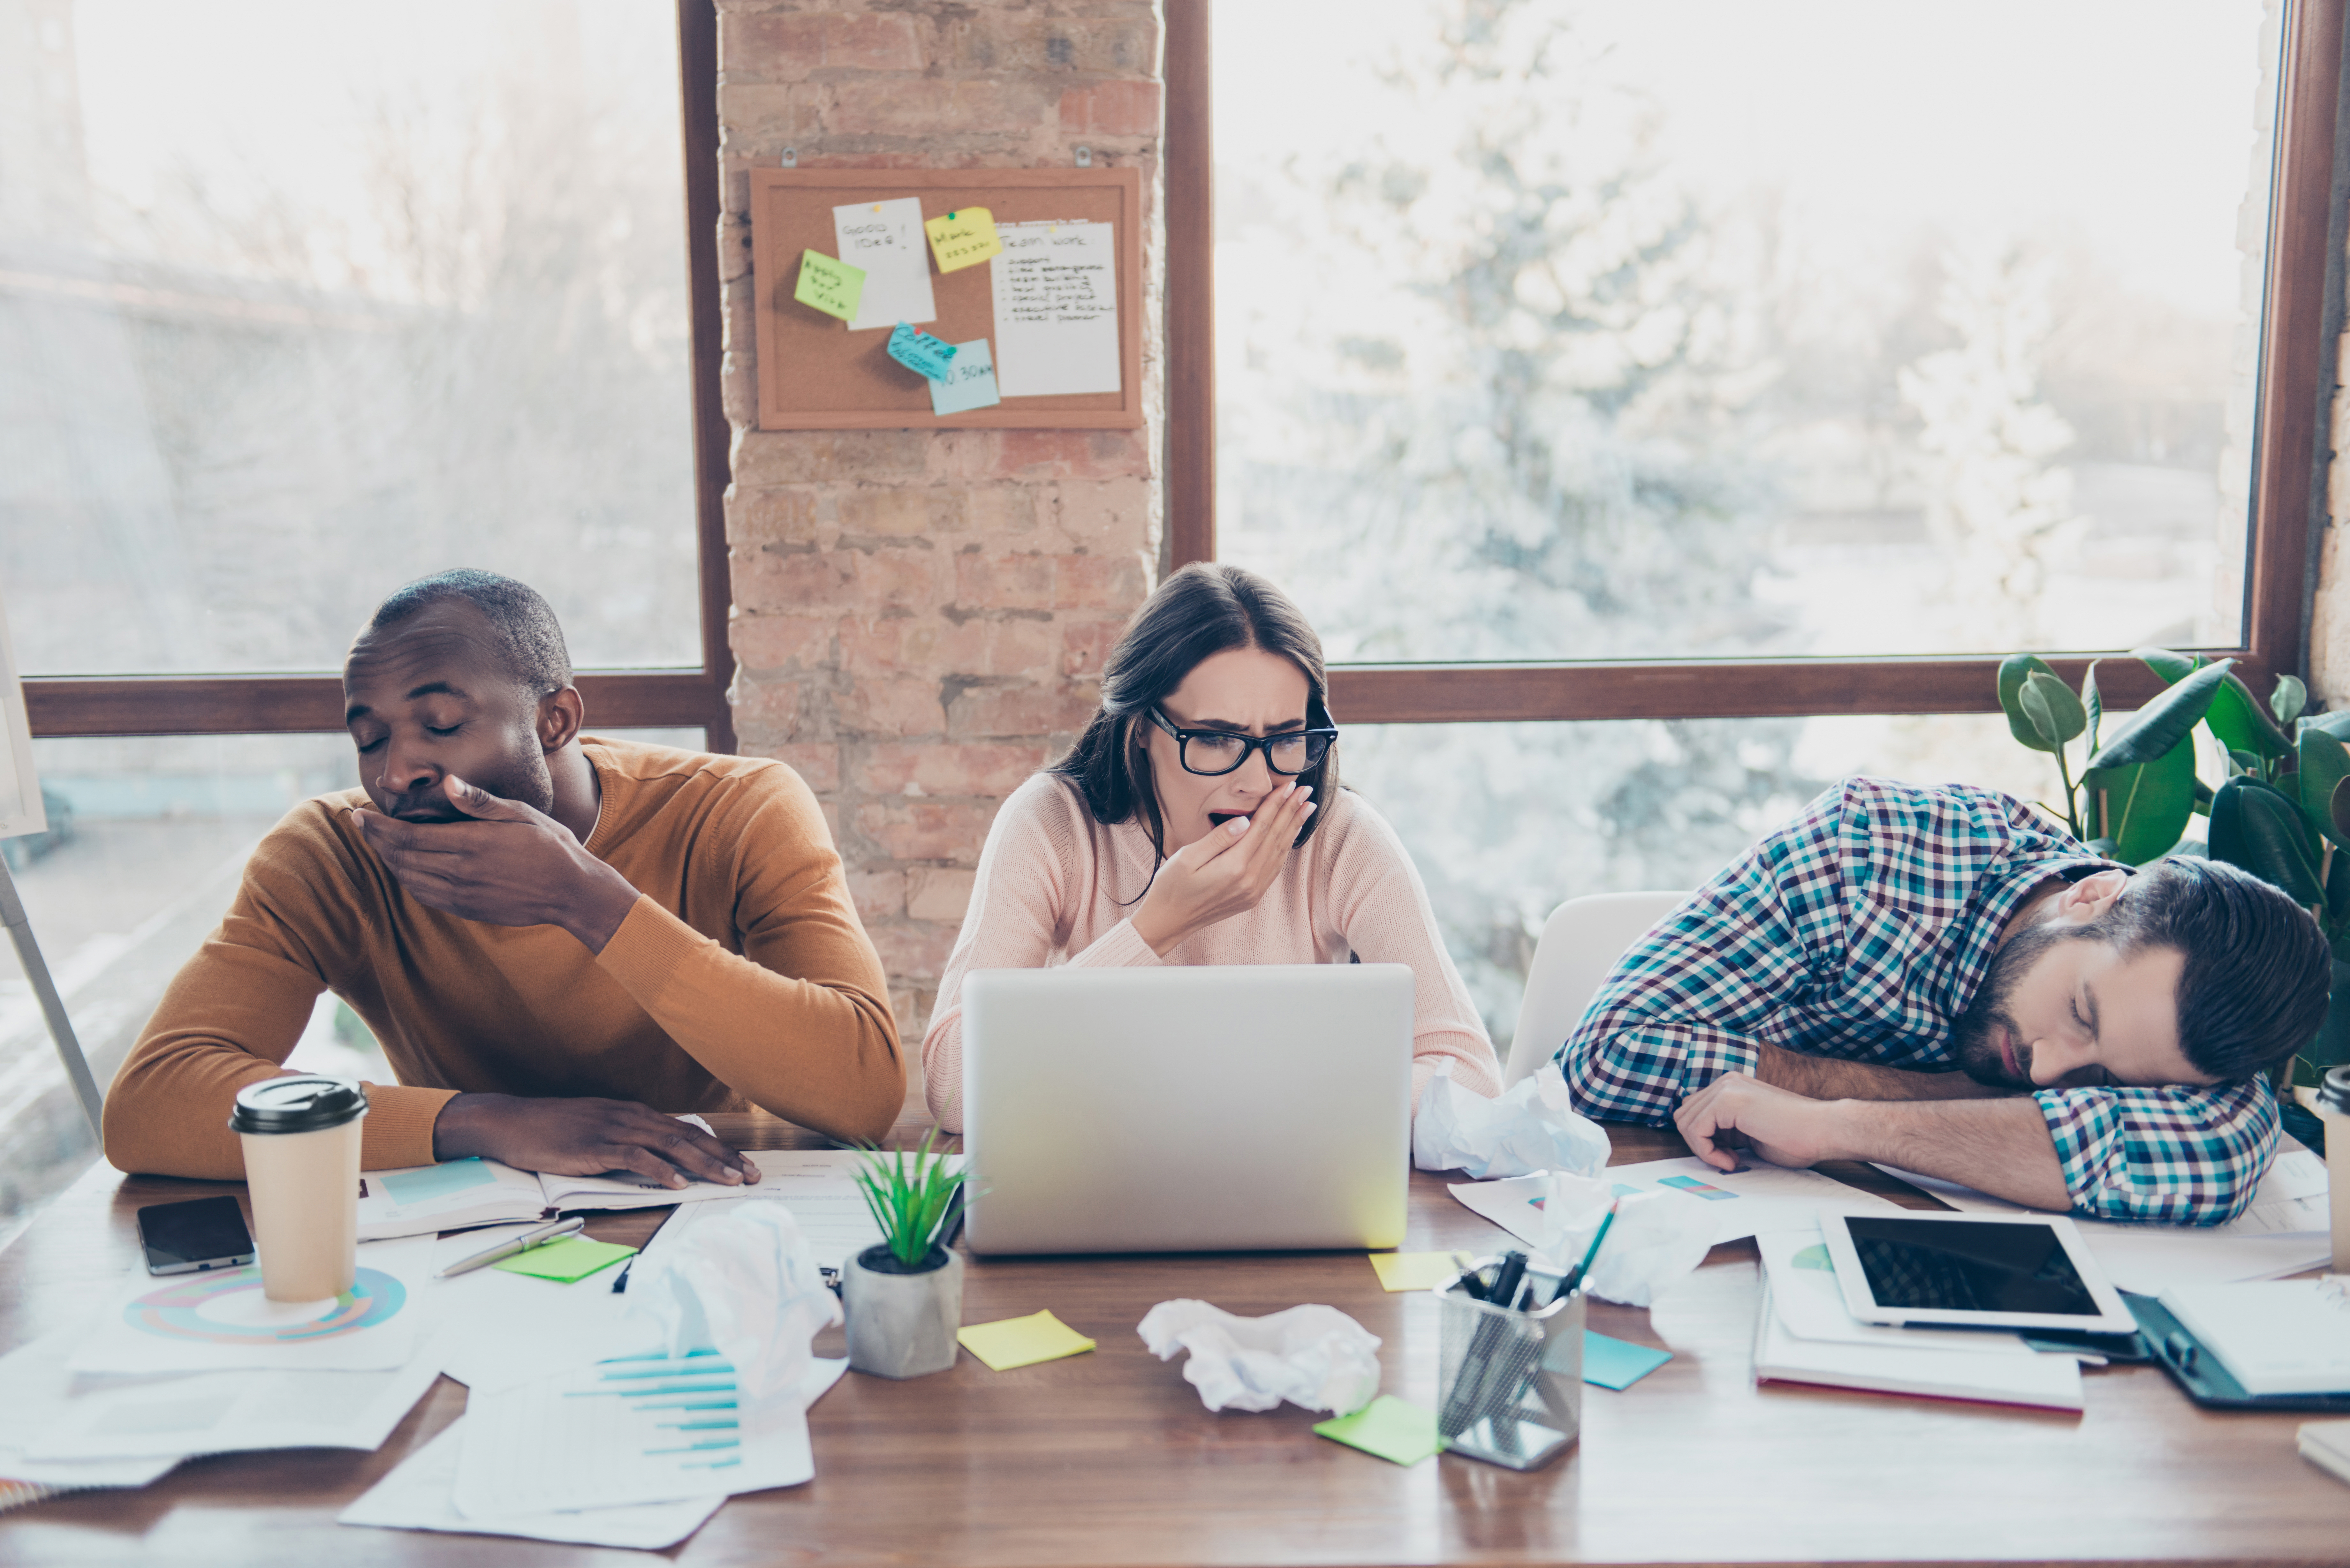 Sömnforskare Paul Kellys slutsats är att arbetsgivare och chefer som vill ha hälsosamma medarbetare bör senarelägga arbetsdagen.